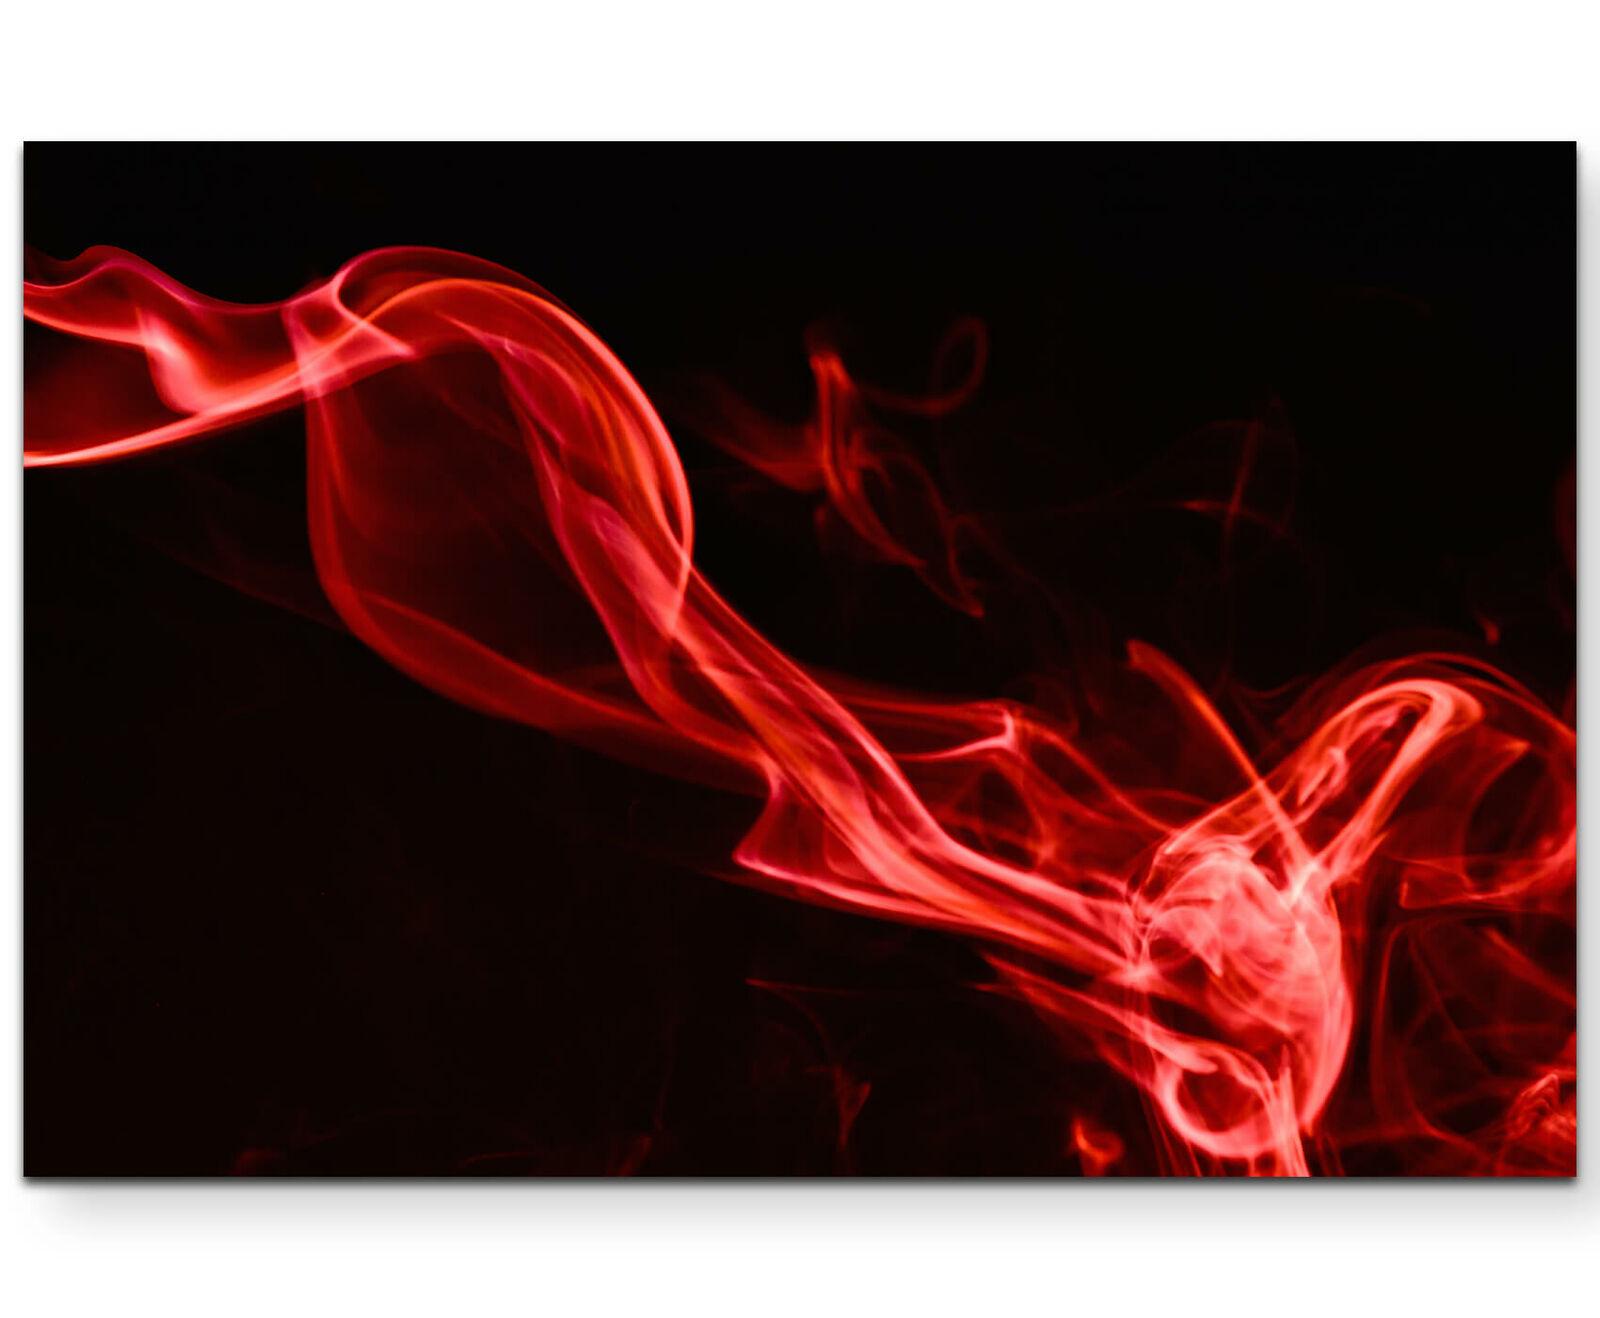 Roter Rauch vor schwarzem Hintergrund - Leinwandbild